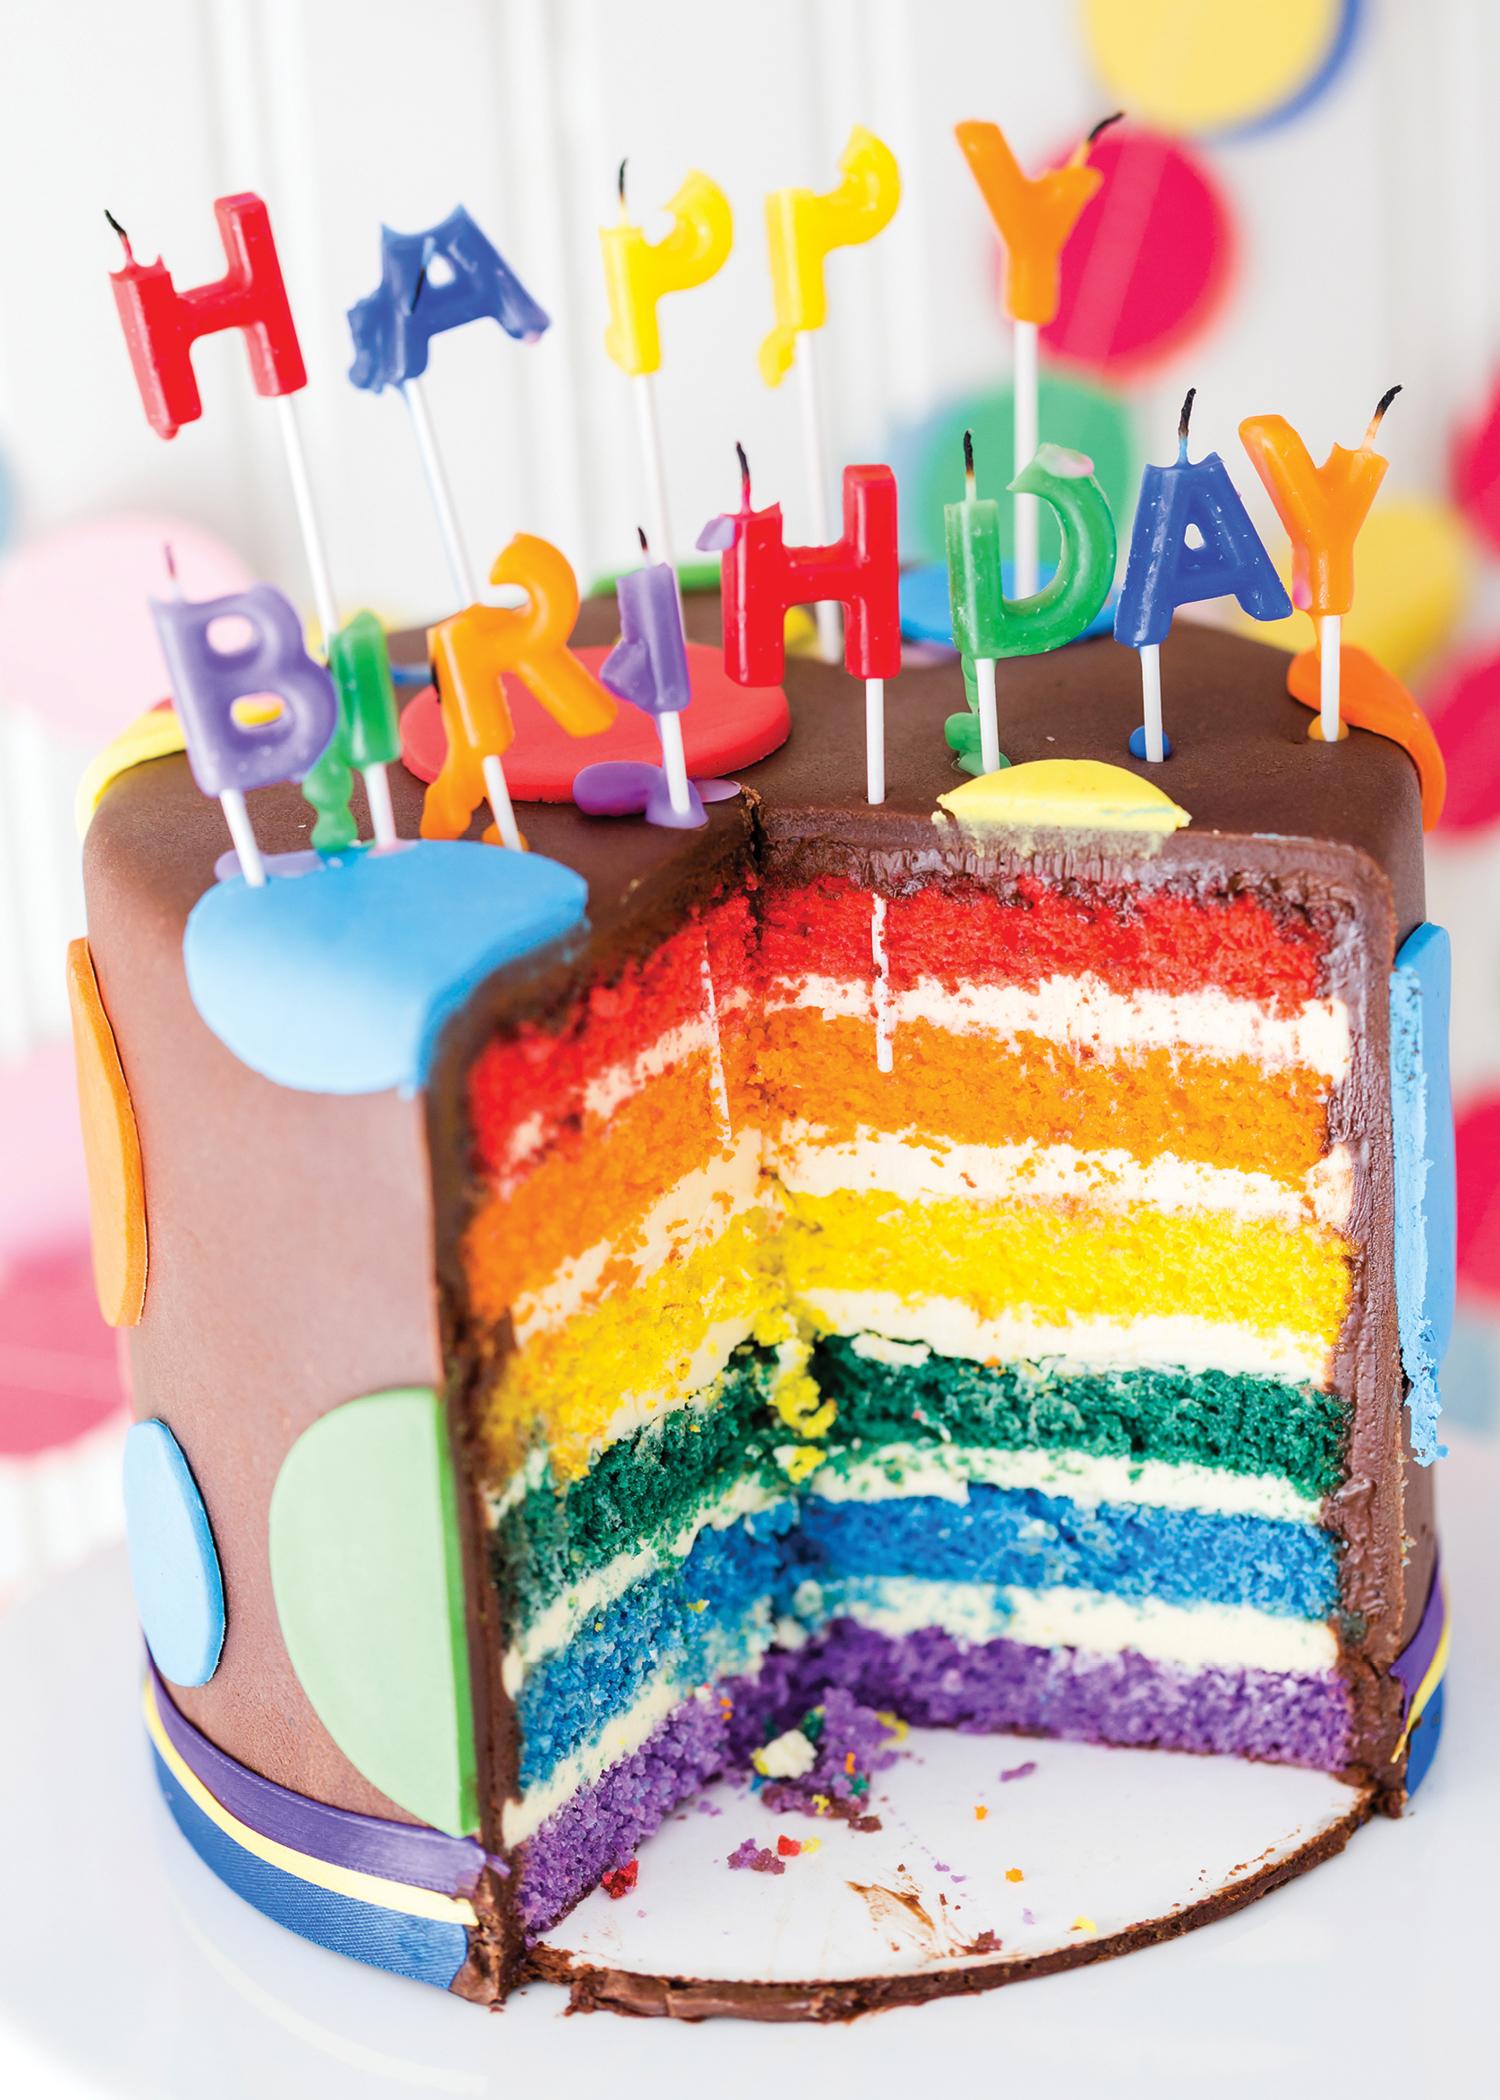 Happy Birthday Cake Pics